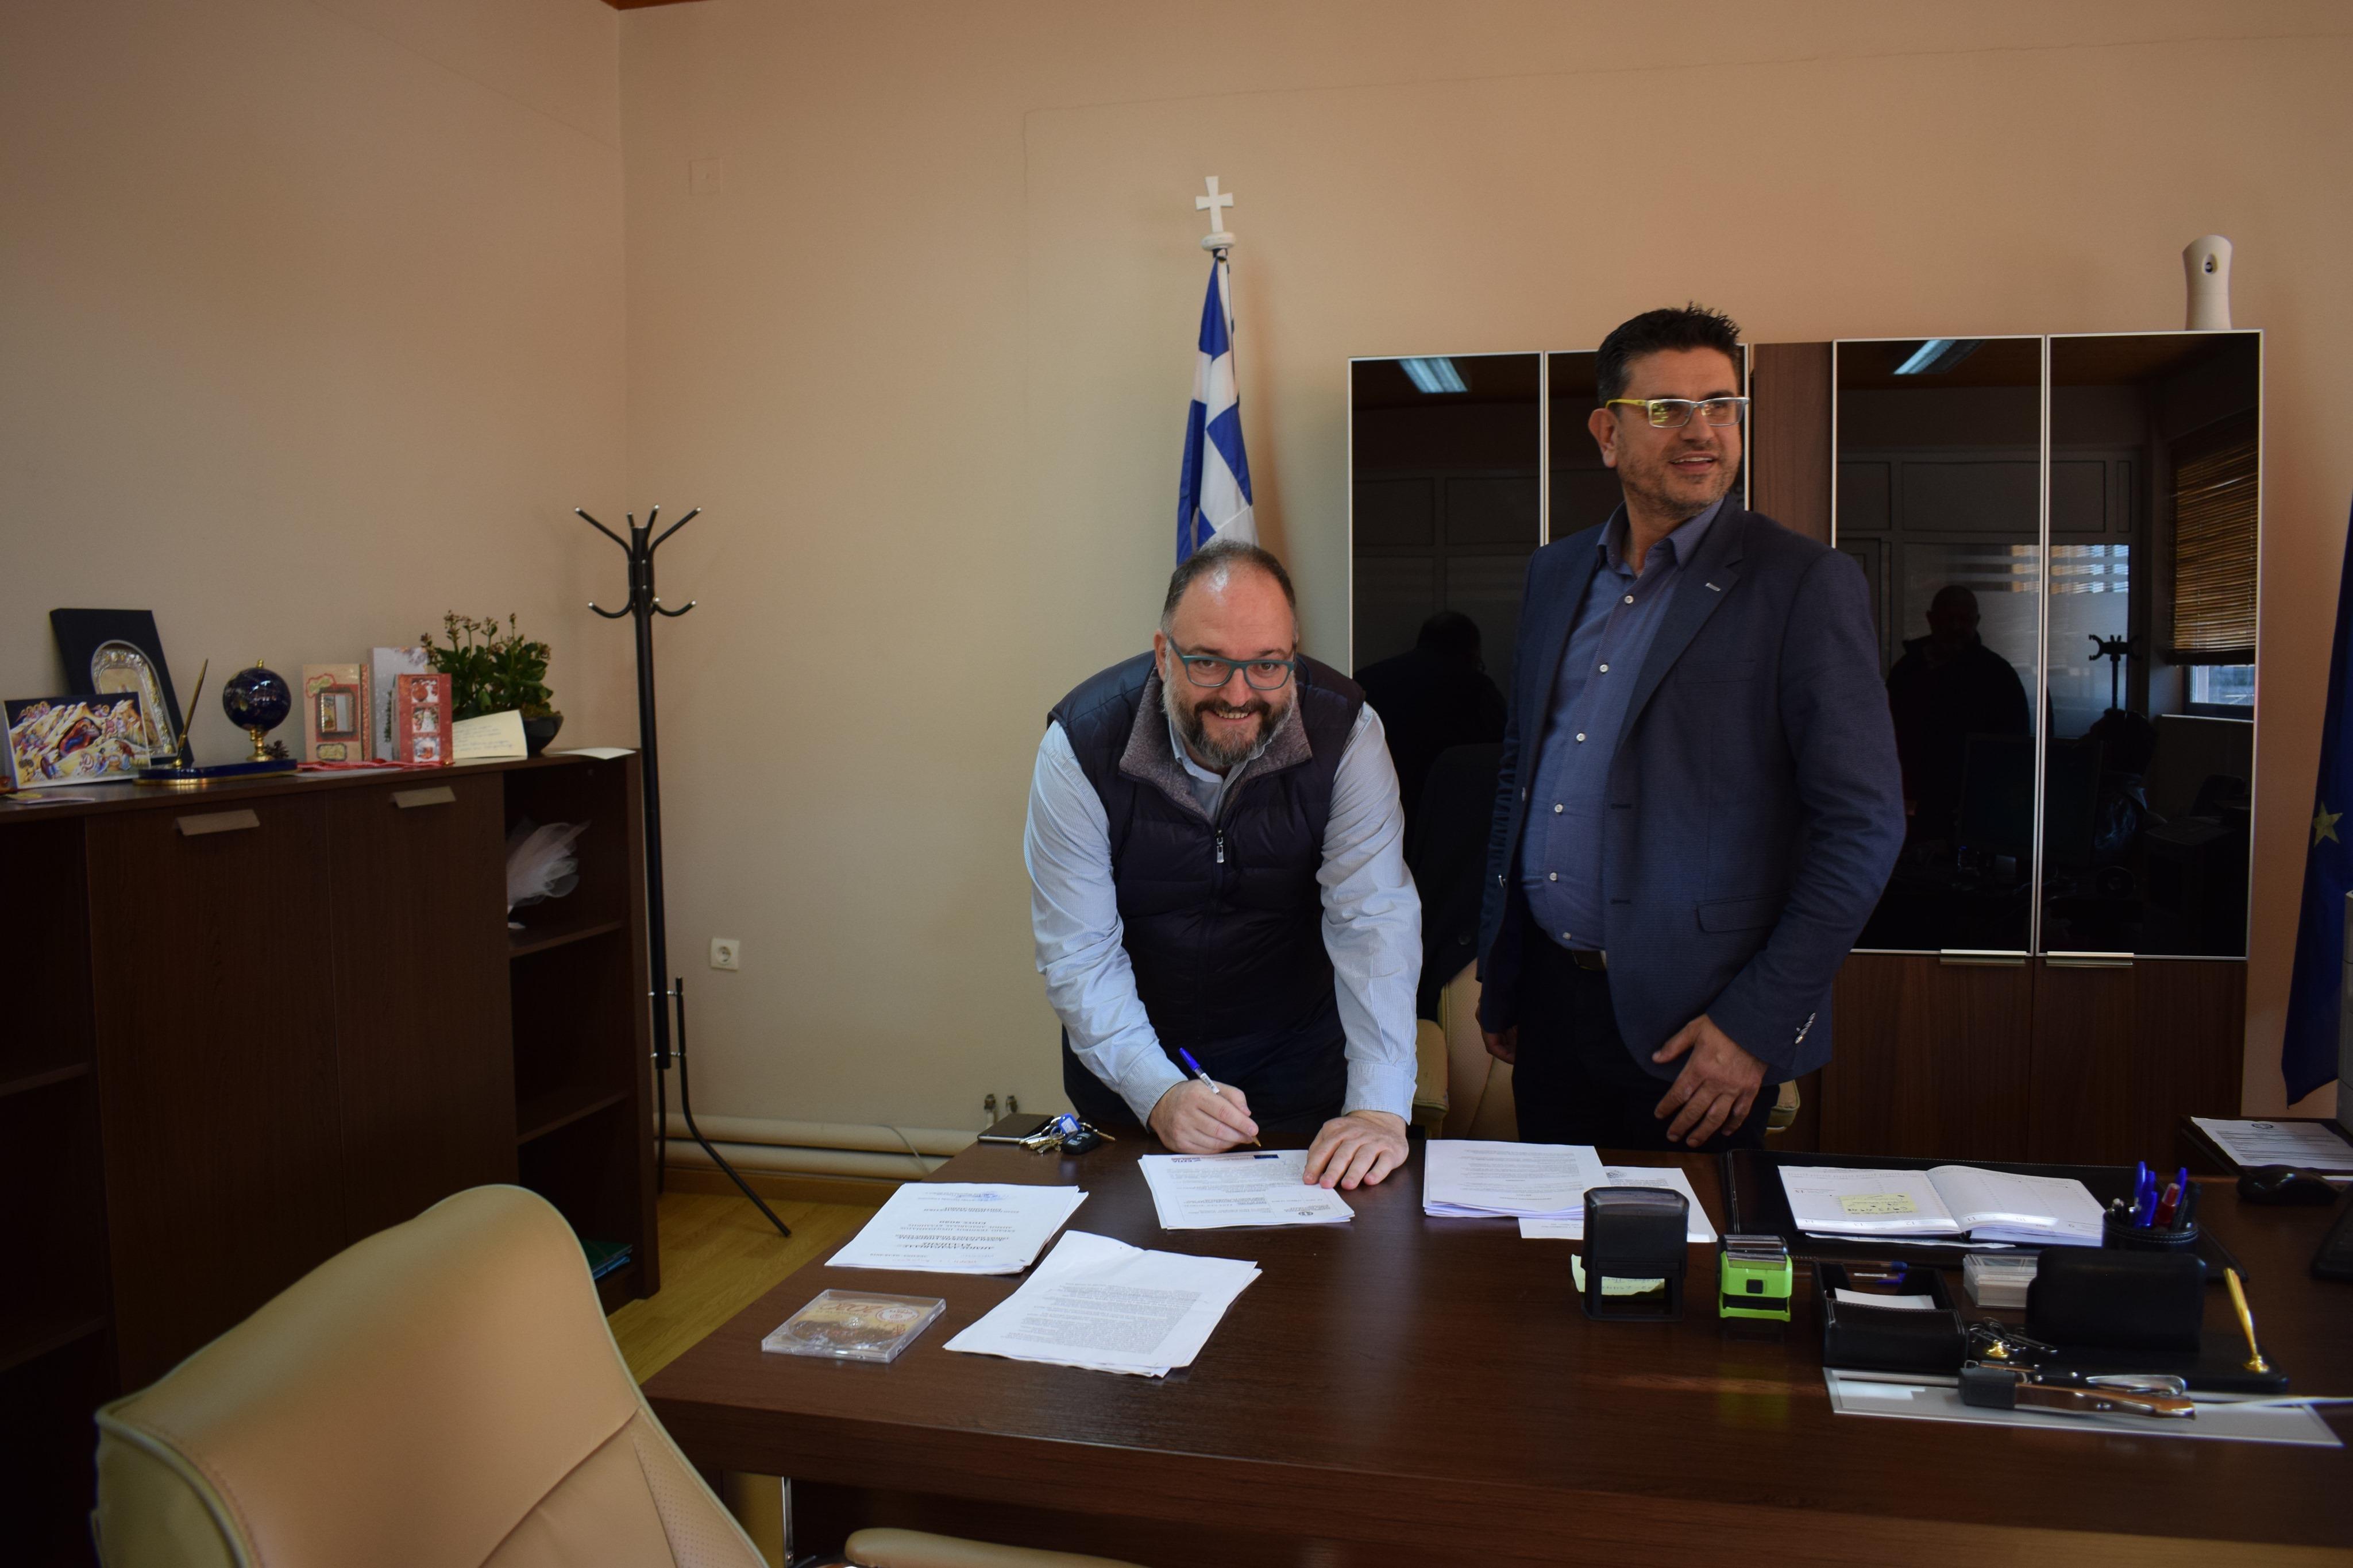 Στον Δήμο Ανδραβίδας-Κυλλήνης: Έργα Ανάπλασης και Αναβάθμισης